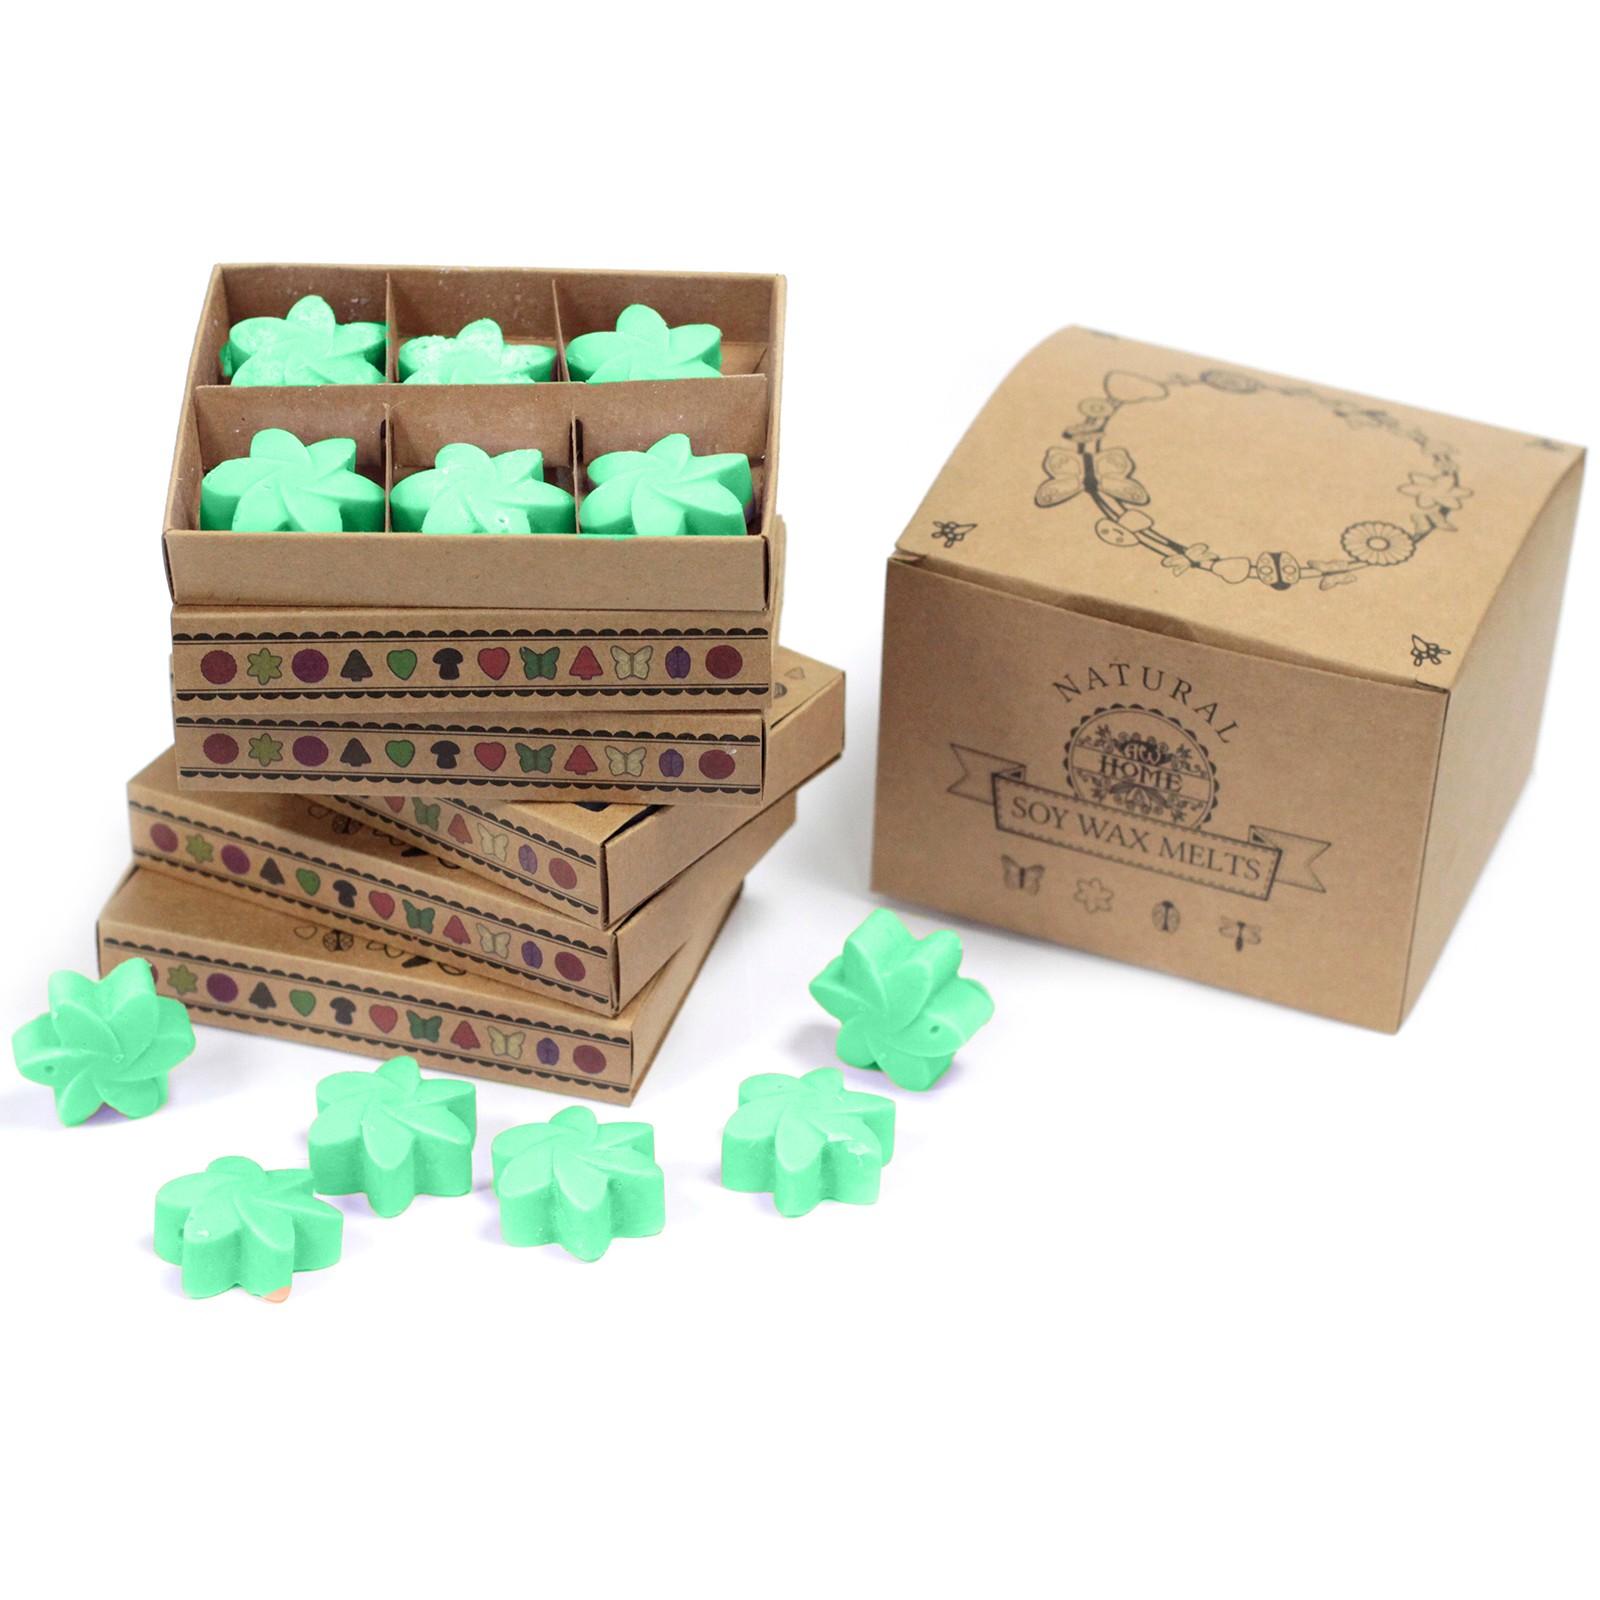 Box of 6 Wax Melts Hidden Garden